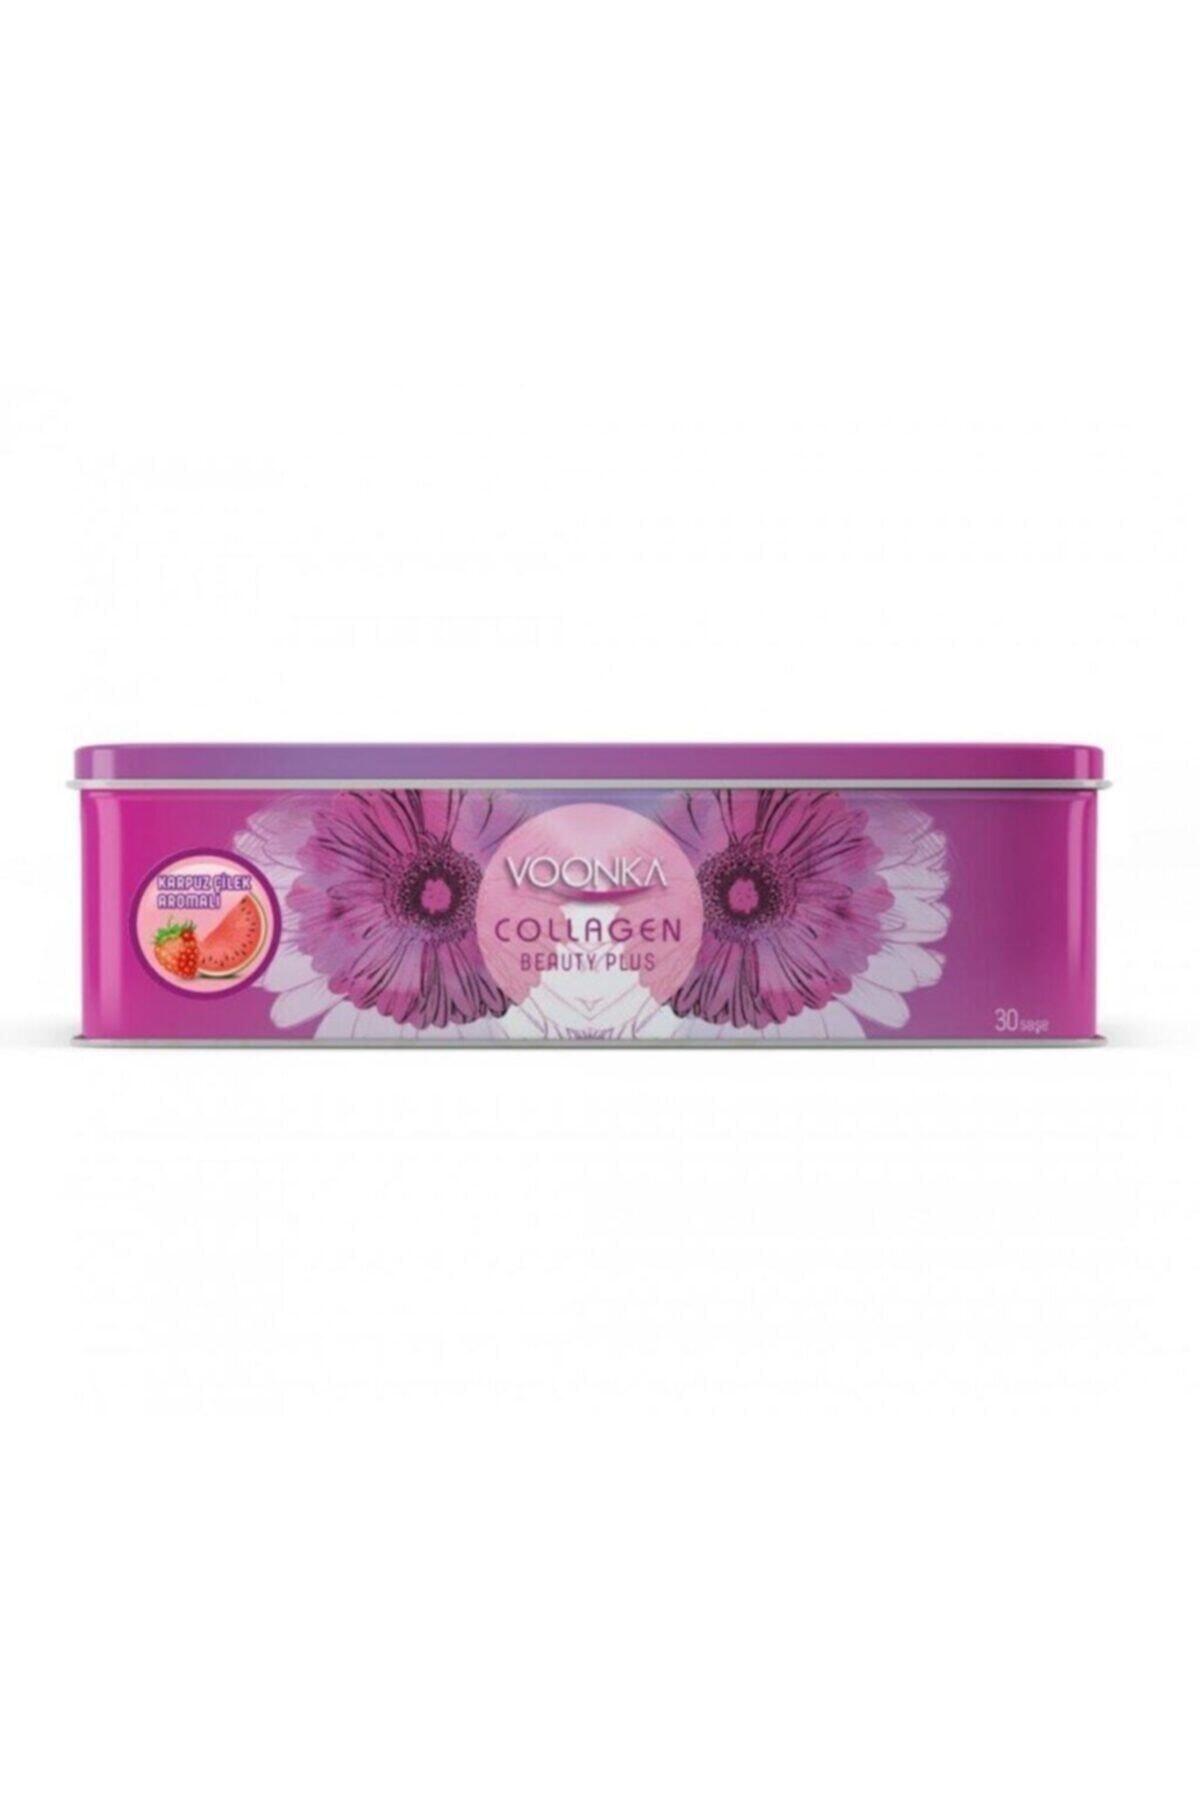 Voonka Collagen Beauty Plus Çilek Karpuz Aromalı 30 Saşe 07/2022 Yeni Kutu 1